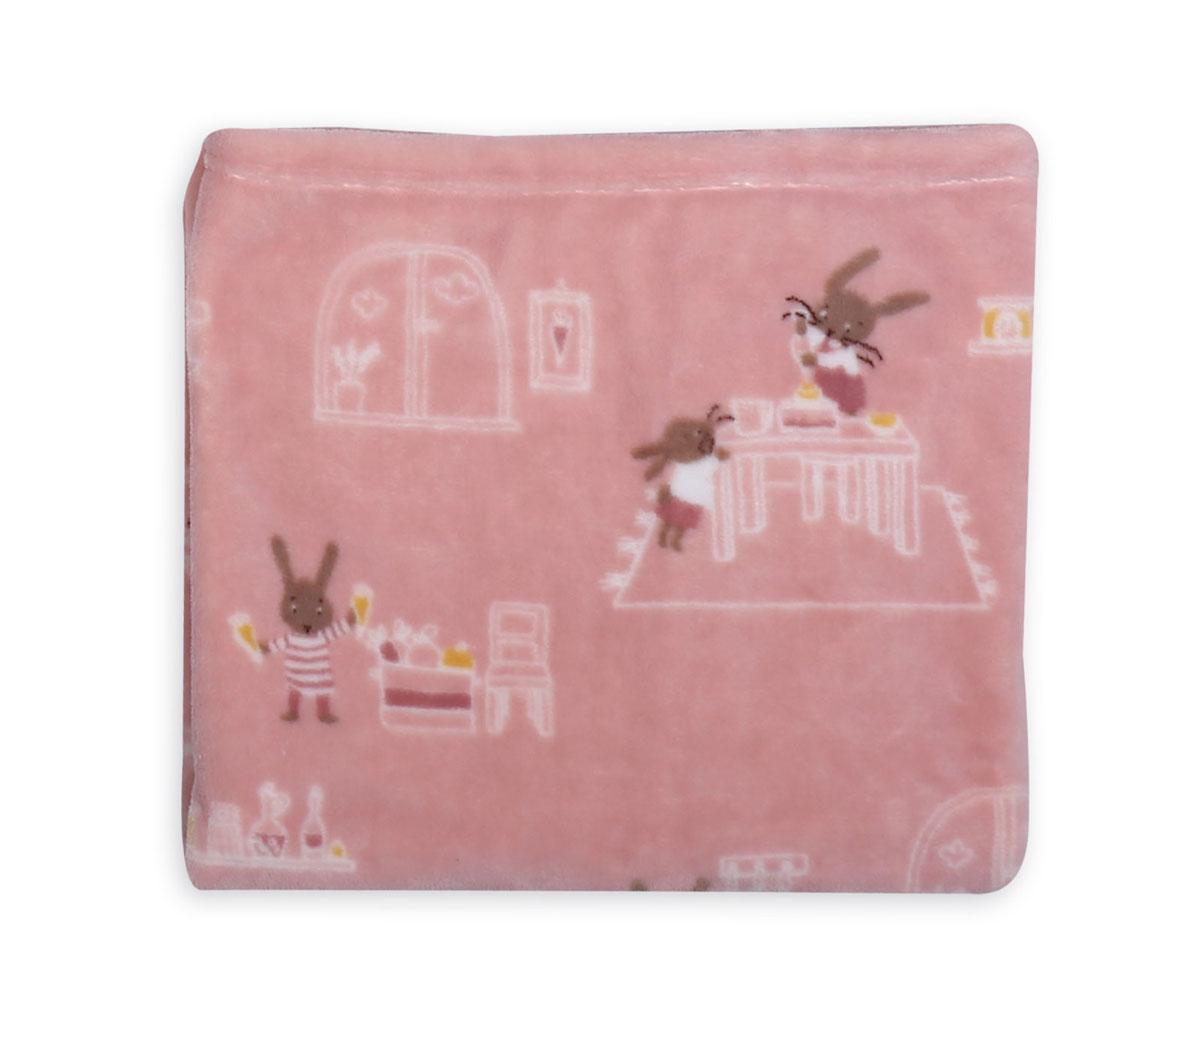 Κουβέρτα Fleece Κούνιας 110×140 Nef Nef Fleece Rabbit In The House